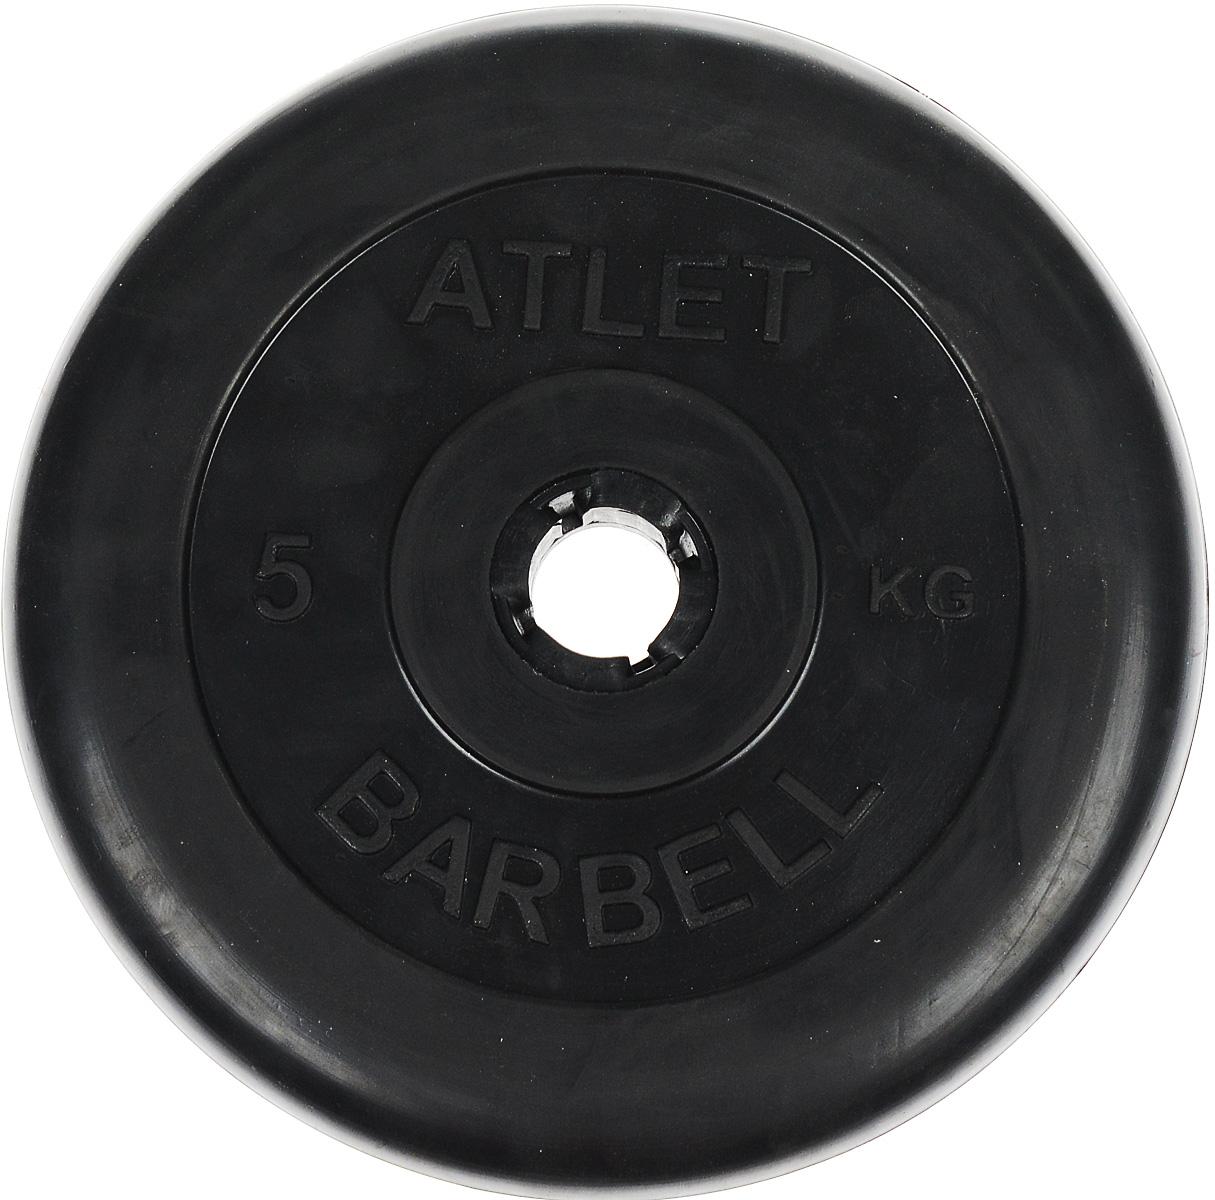 Диск обрезиненный MB Atlet, цвет: черный, 5 кг28260626Самым известным снарядом для силовых тренировок являются штанги и наборные гантели. За счет съемных дисков разного размера и массы вы можете оптимизировать собственную программу тренировки или с успехом следовать той, что разработал тренер. Меняя блины на штанге и постепенно увеличивая нагрузку, вы в состоянии добиться отличных результатов и без посещения тренажерного зала. Диски MB Atlet выполнены из вулканизированного каучука, внутри металлическая стружка. Наибольшее распространение для использования с гантелями получили диски с посадочным диаметром 26 мм, так называемого американского стандарта. Для домашних условий чаще всего применяются обрезиненные диски со специальным покрытием, которые не царапают пол и не гремят, не привлекая излишнее внимание соседей. Следует учитывать, что в процессе производства диска максимально допустимое отклонение веса может составлять +/- 50 г. Диаметр диска: 21 см. Толщина диска: 3 см. Посадочный диаметр: 2,6 см.